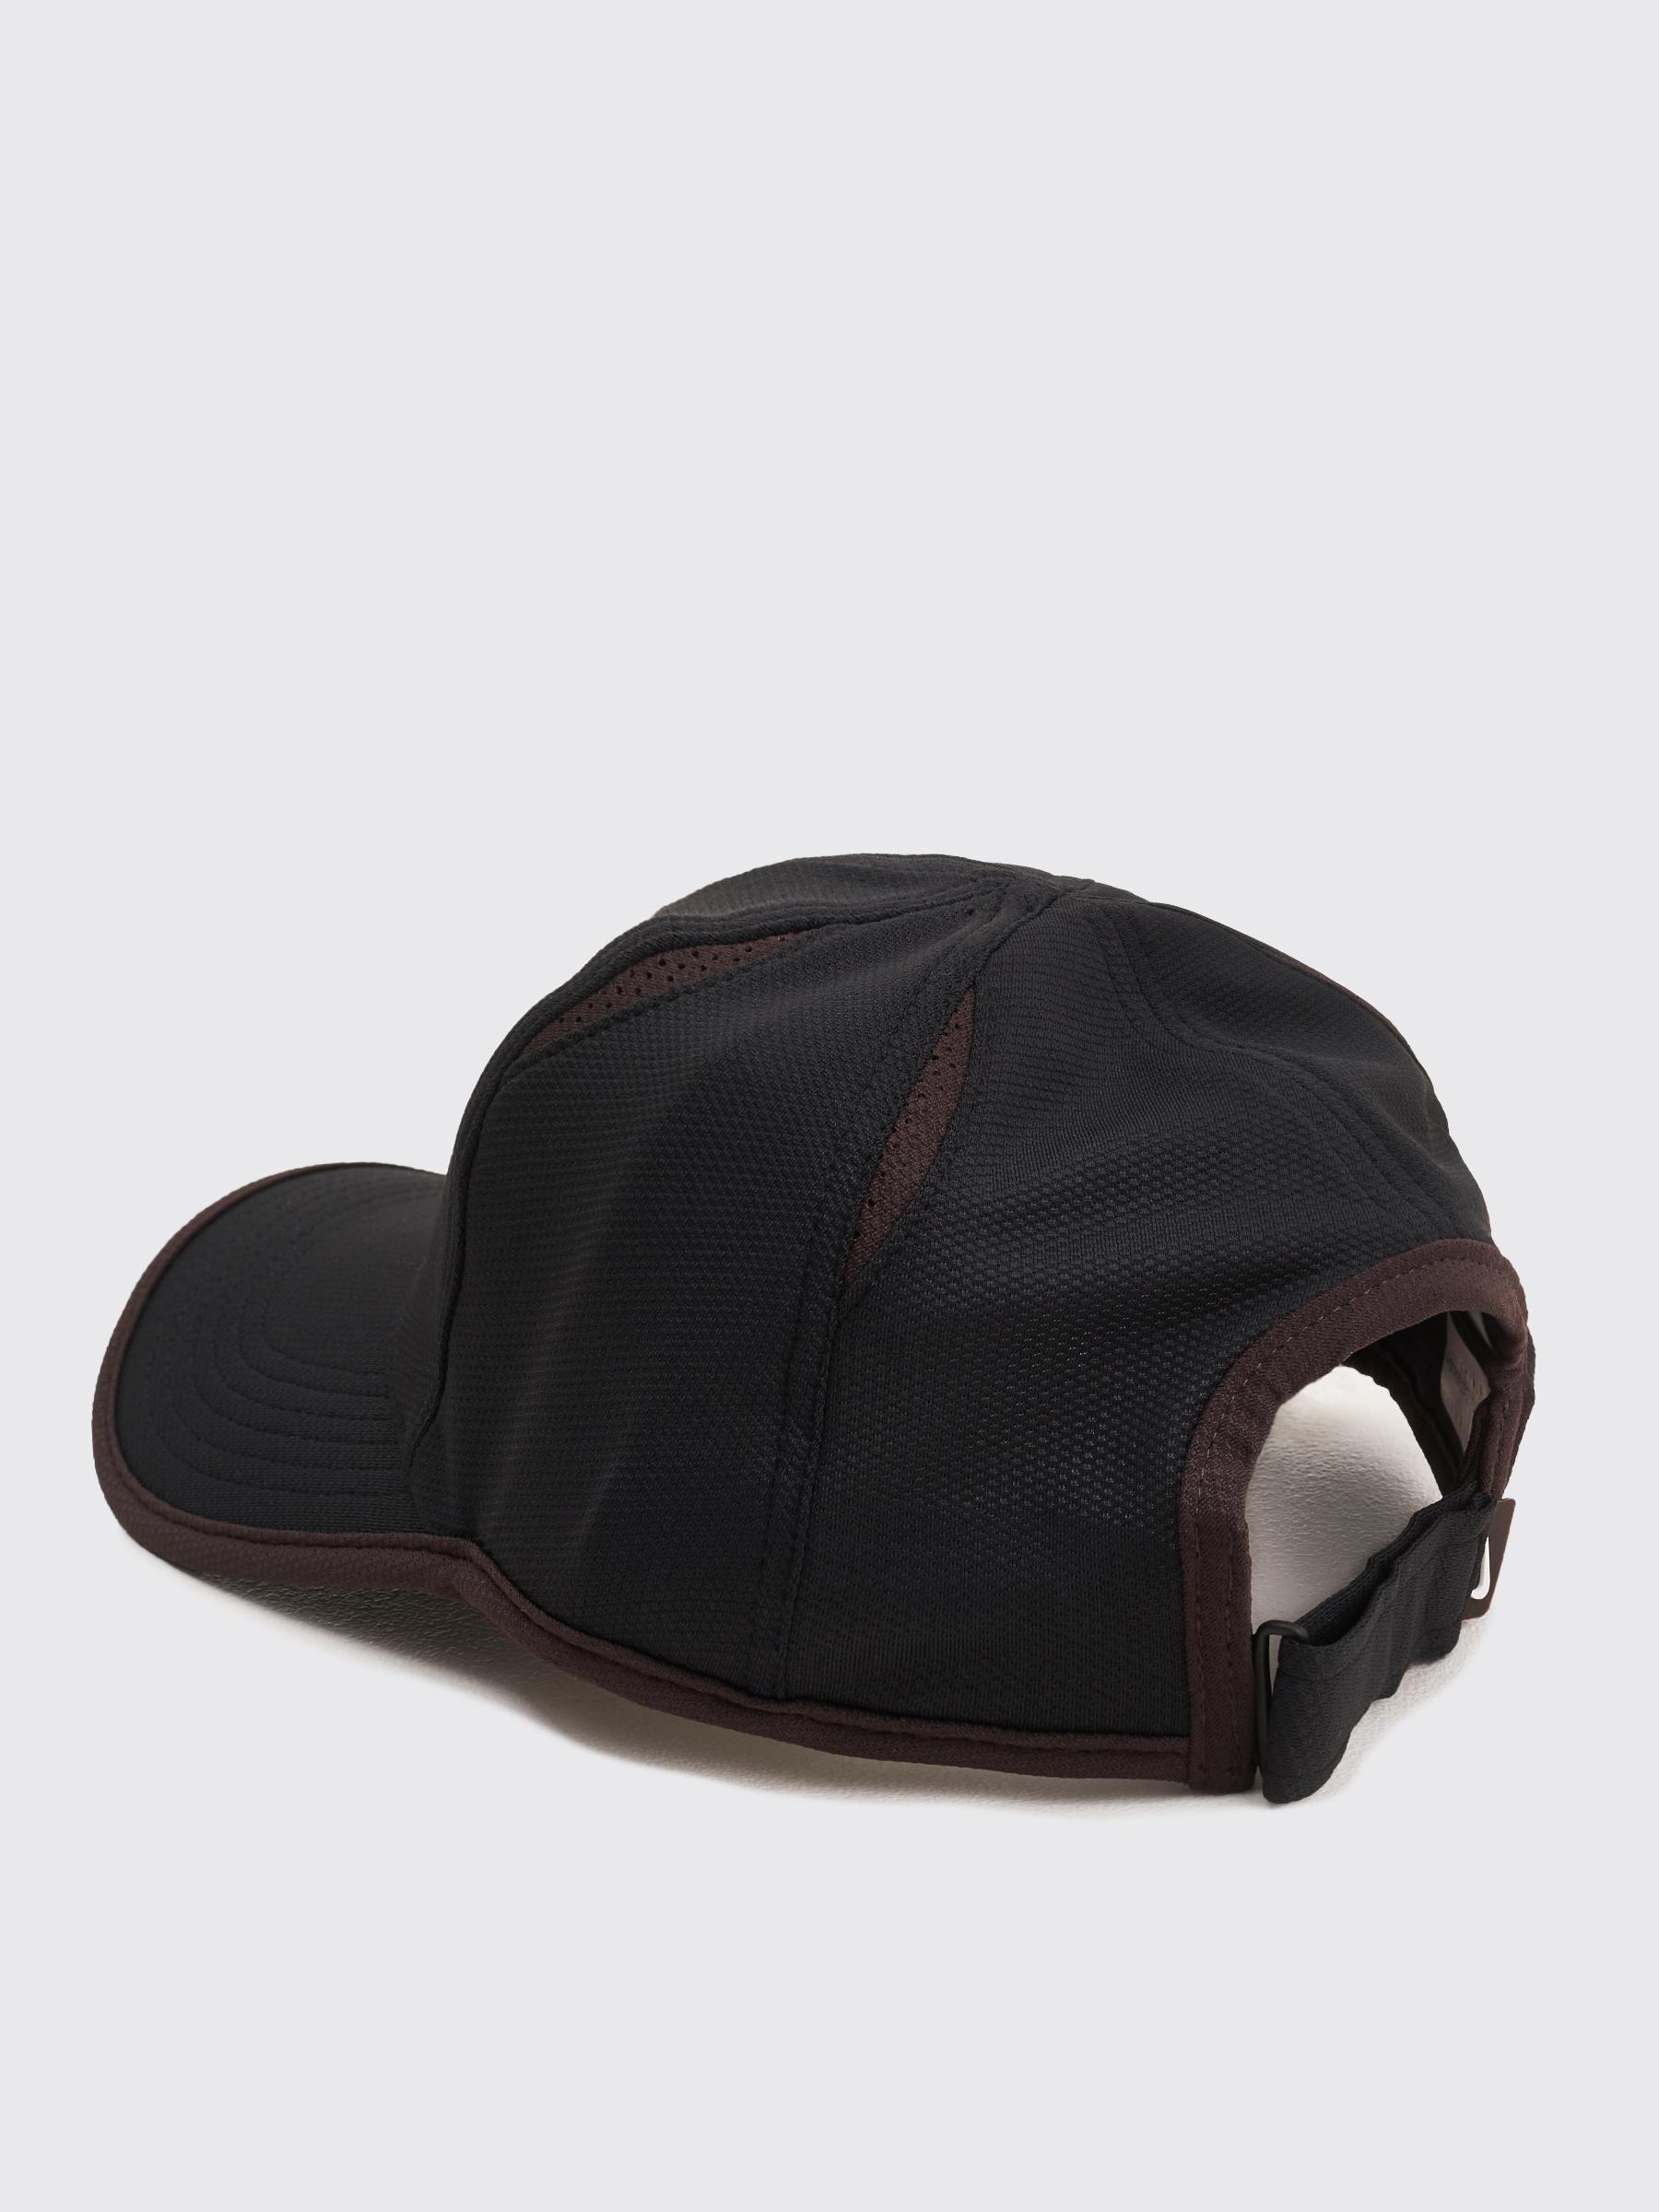 Très Bien - NikeLab x Patta U Nk Arobill Cap Black f1b1a8d0489